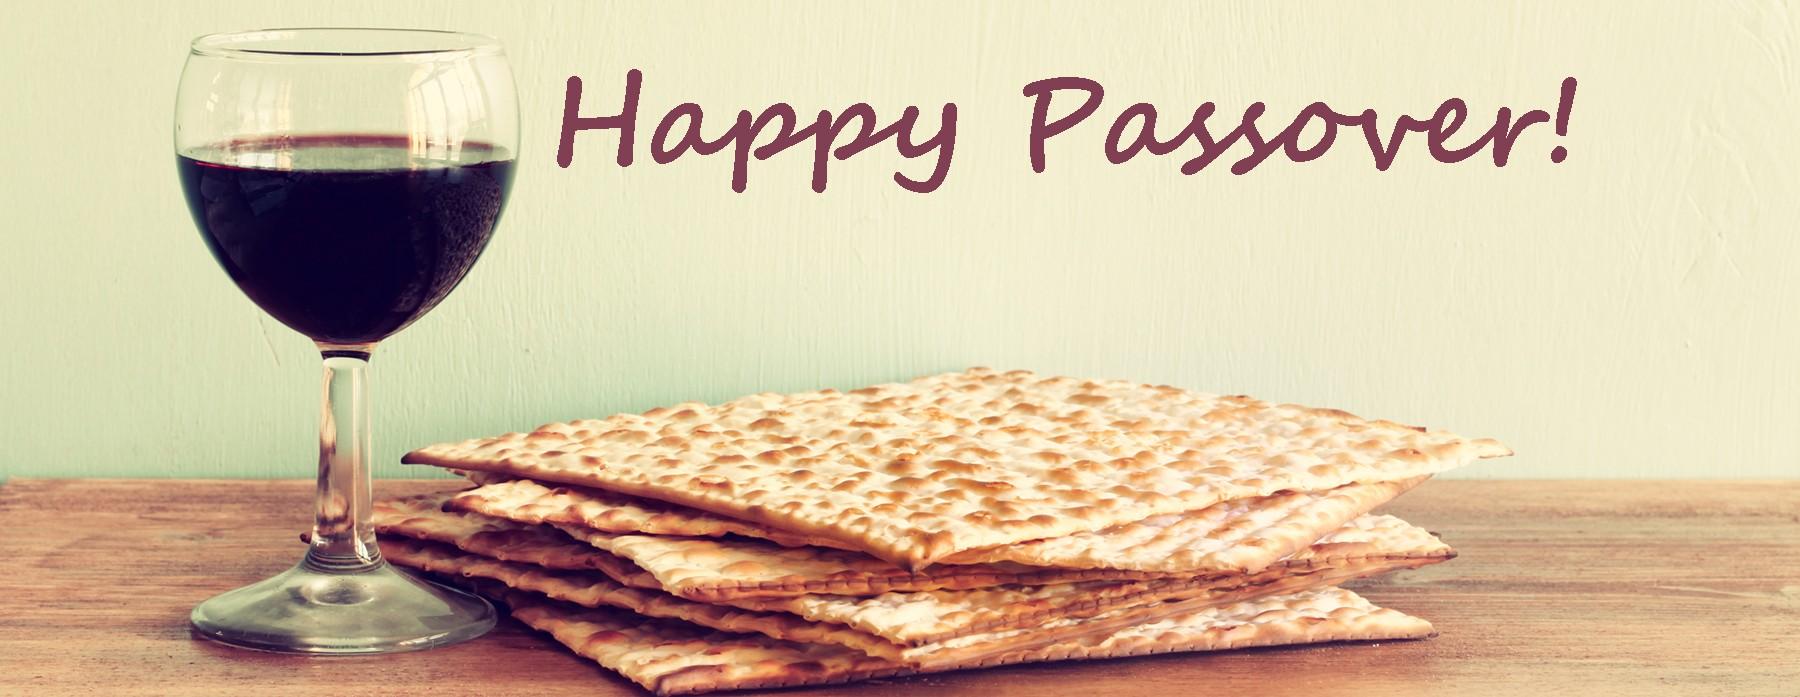 happy passover - photo #25